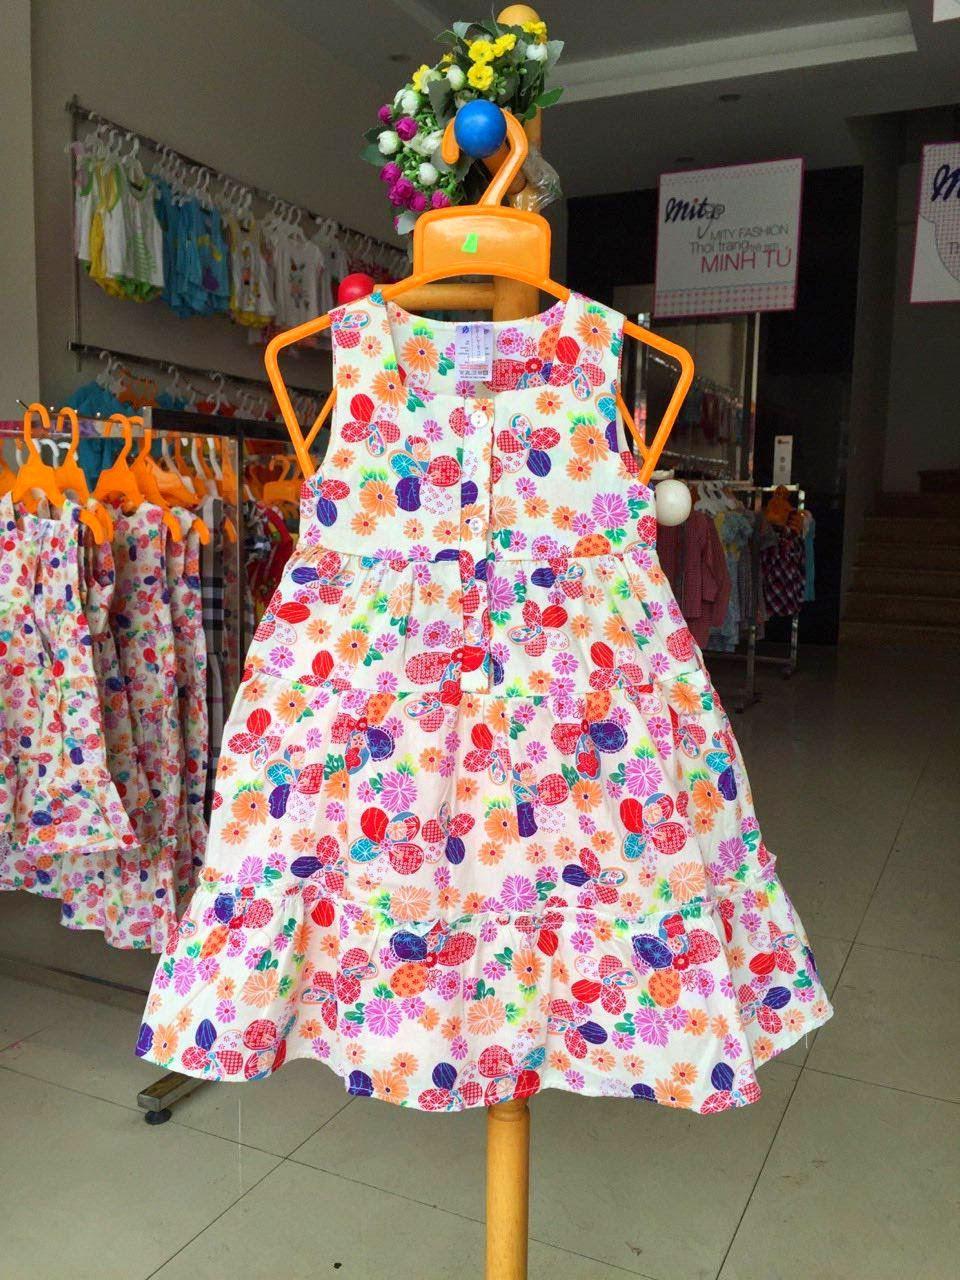 [Chia sẻ]-Chuyên bán buôn quần áo trẻ em rẻ, đẹp - LH: 0932358189 - Hương 11032492_1429077537390910_175970581_o